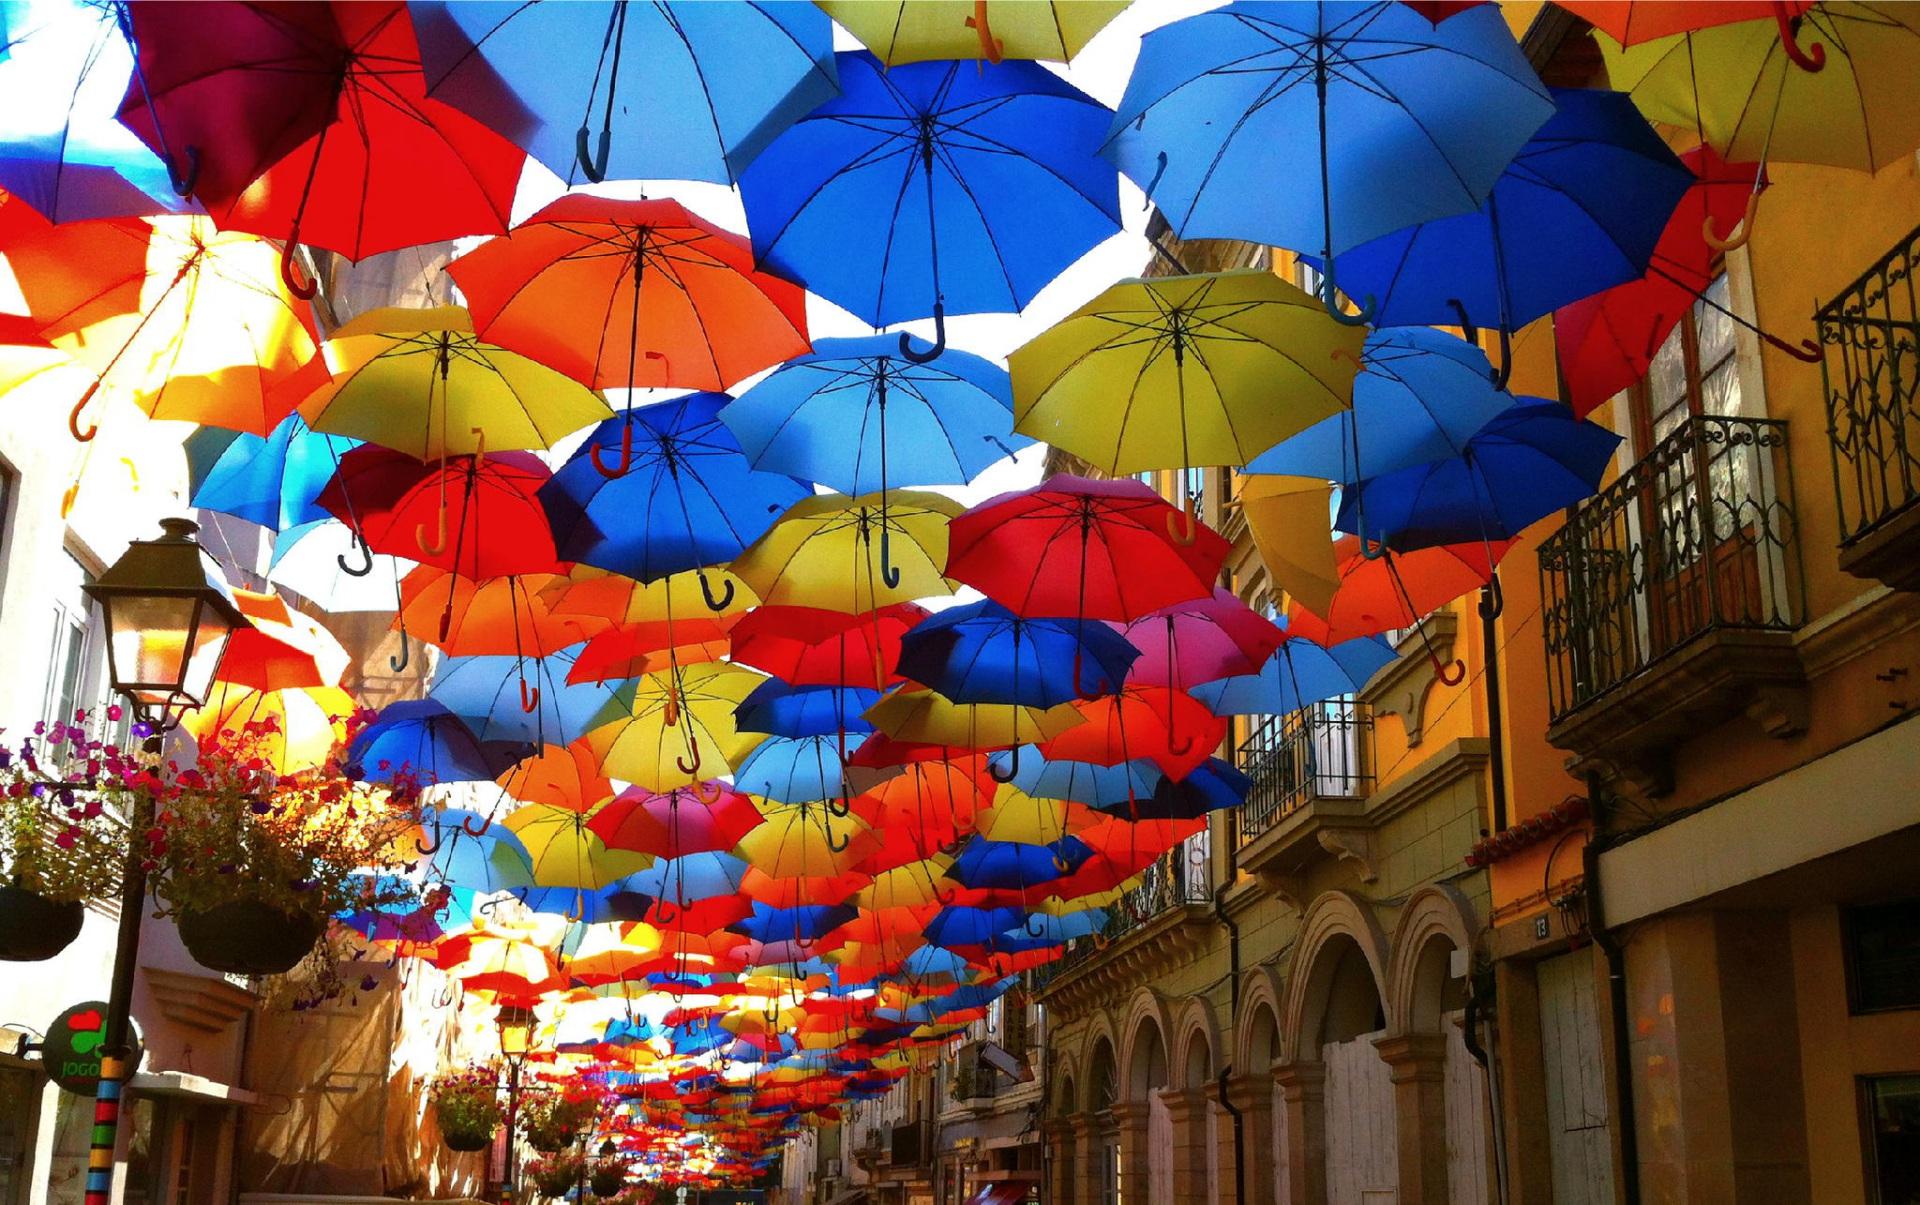 В Эжве впервые пройдет парад зонтиков